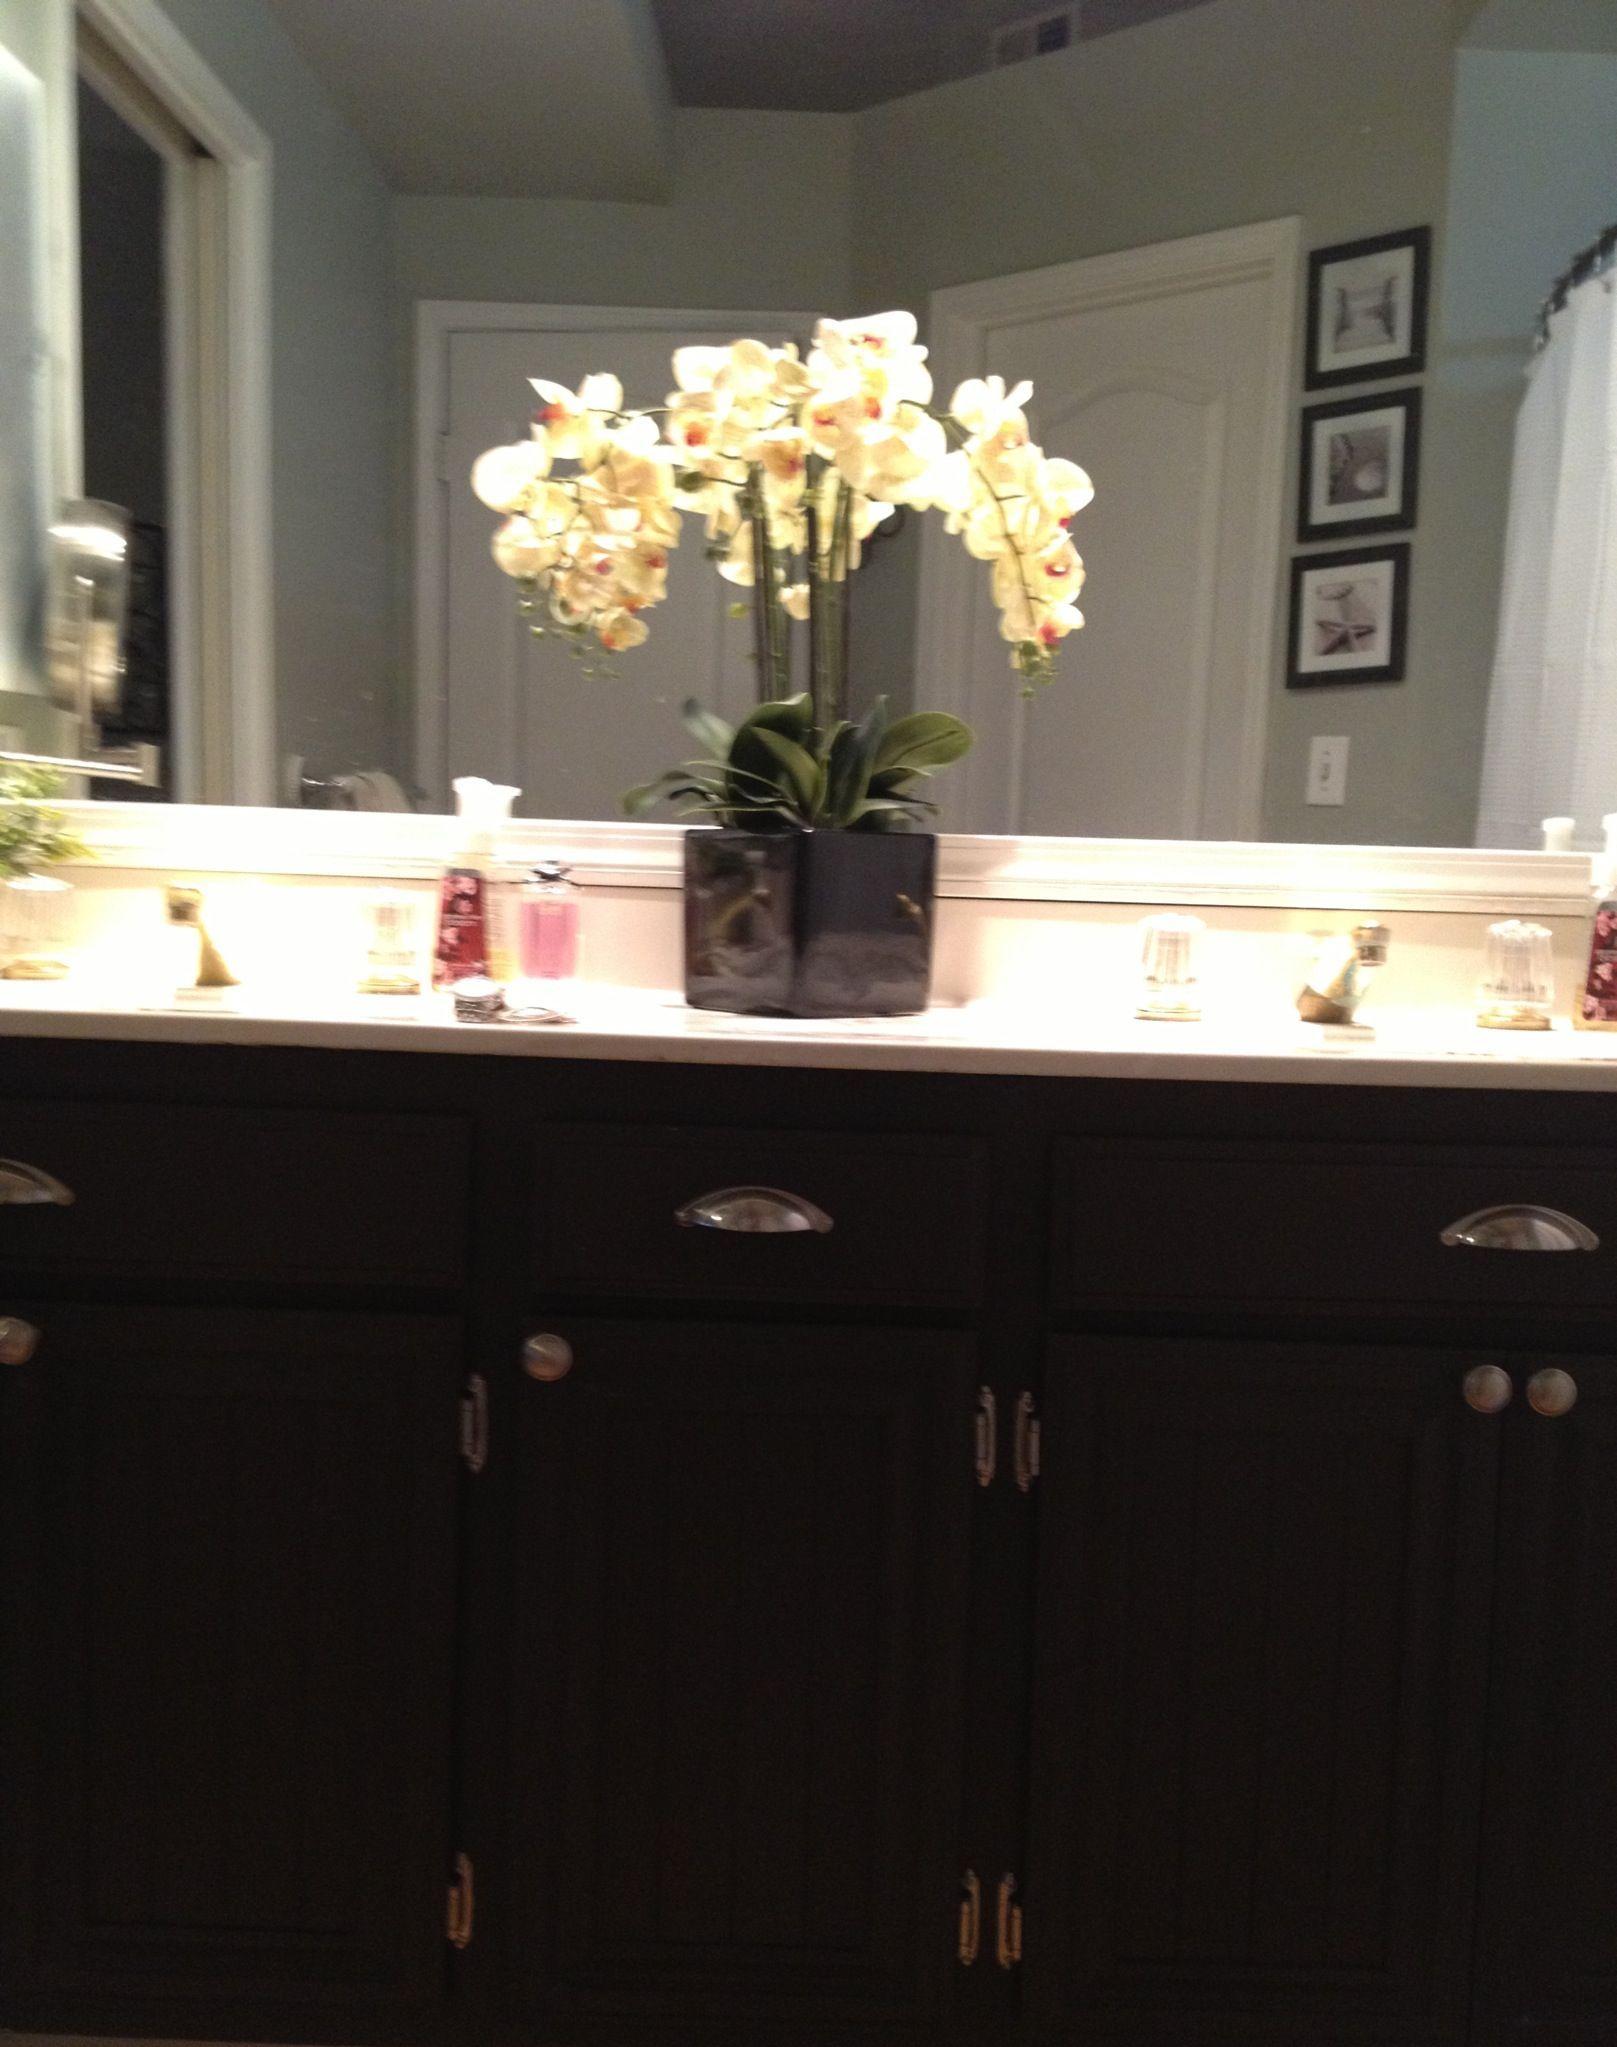 Bathroom Cabinets Refinished Cabinet Paint Color Valspar Bracken Wall Ben